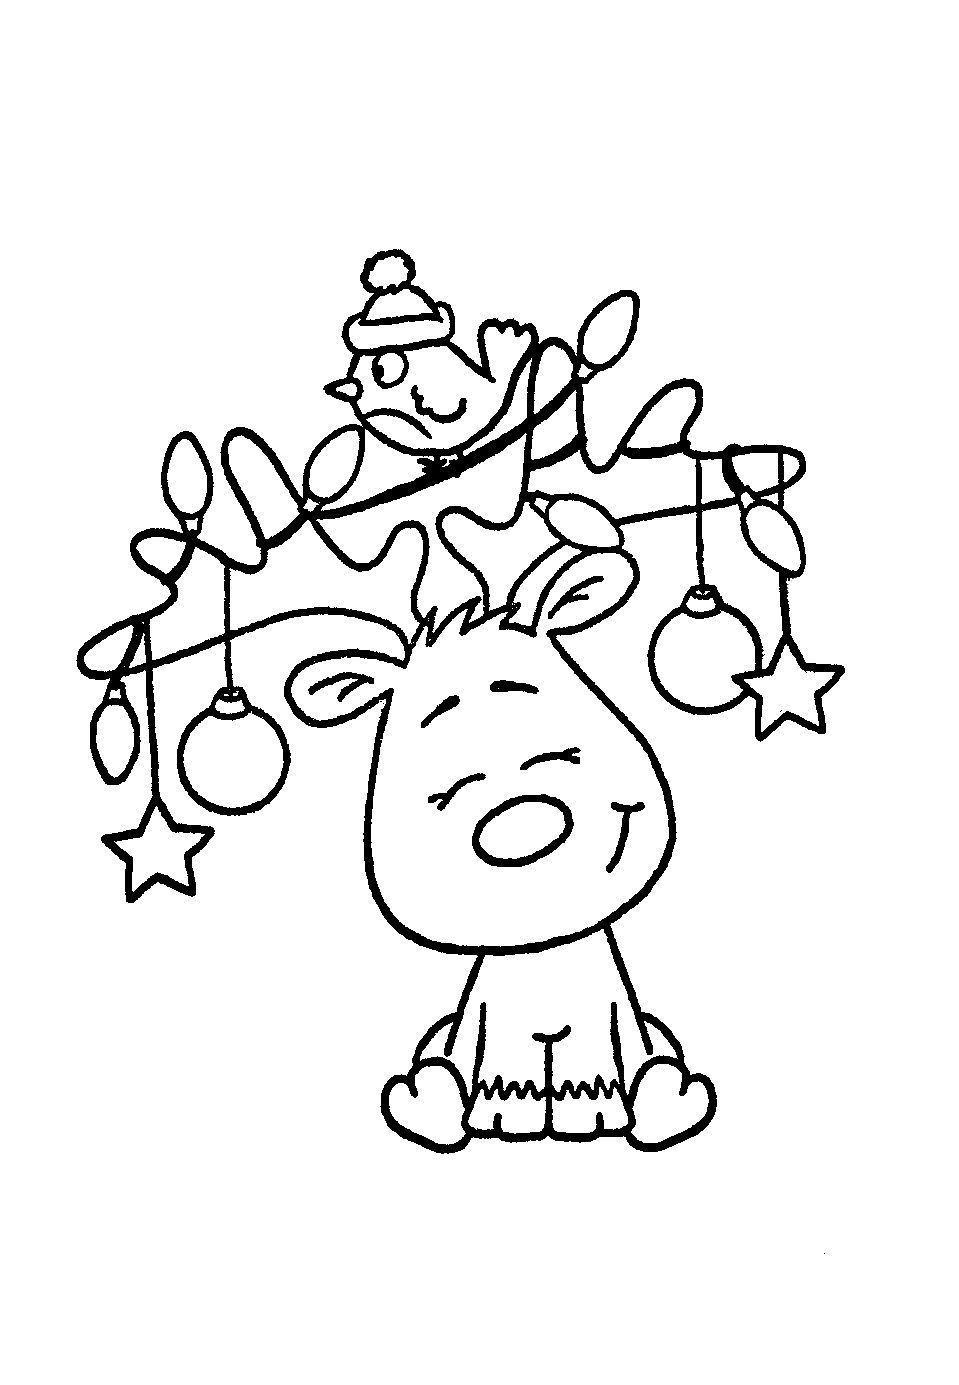 Weihnachten Zeichnungen Weihnachten Christmas Weihnachtselch Ausmalbilder Ausmalbi Weihnachten Zum Ausmalen Malvorlagen Weihnachten Weihnachten Zeichnen